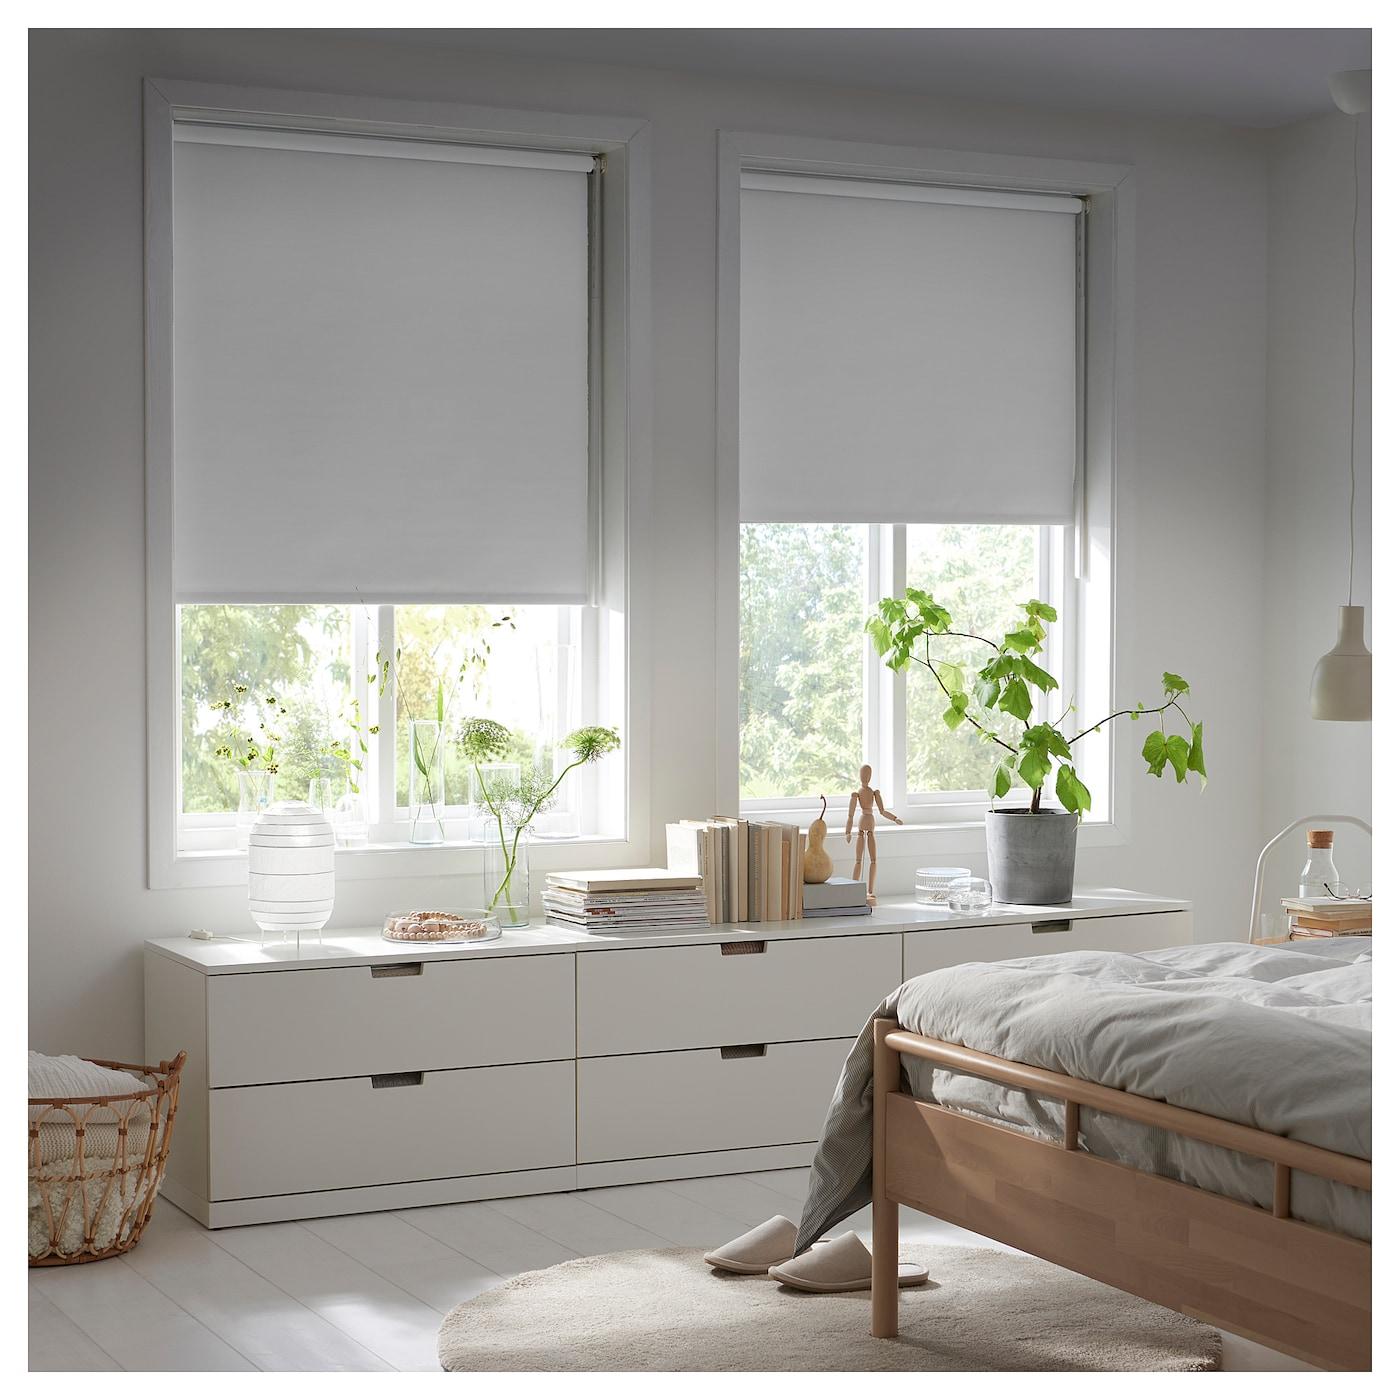 FRIDANS Estor opac, blanc, 140x195 cm